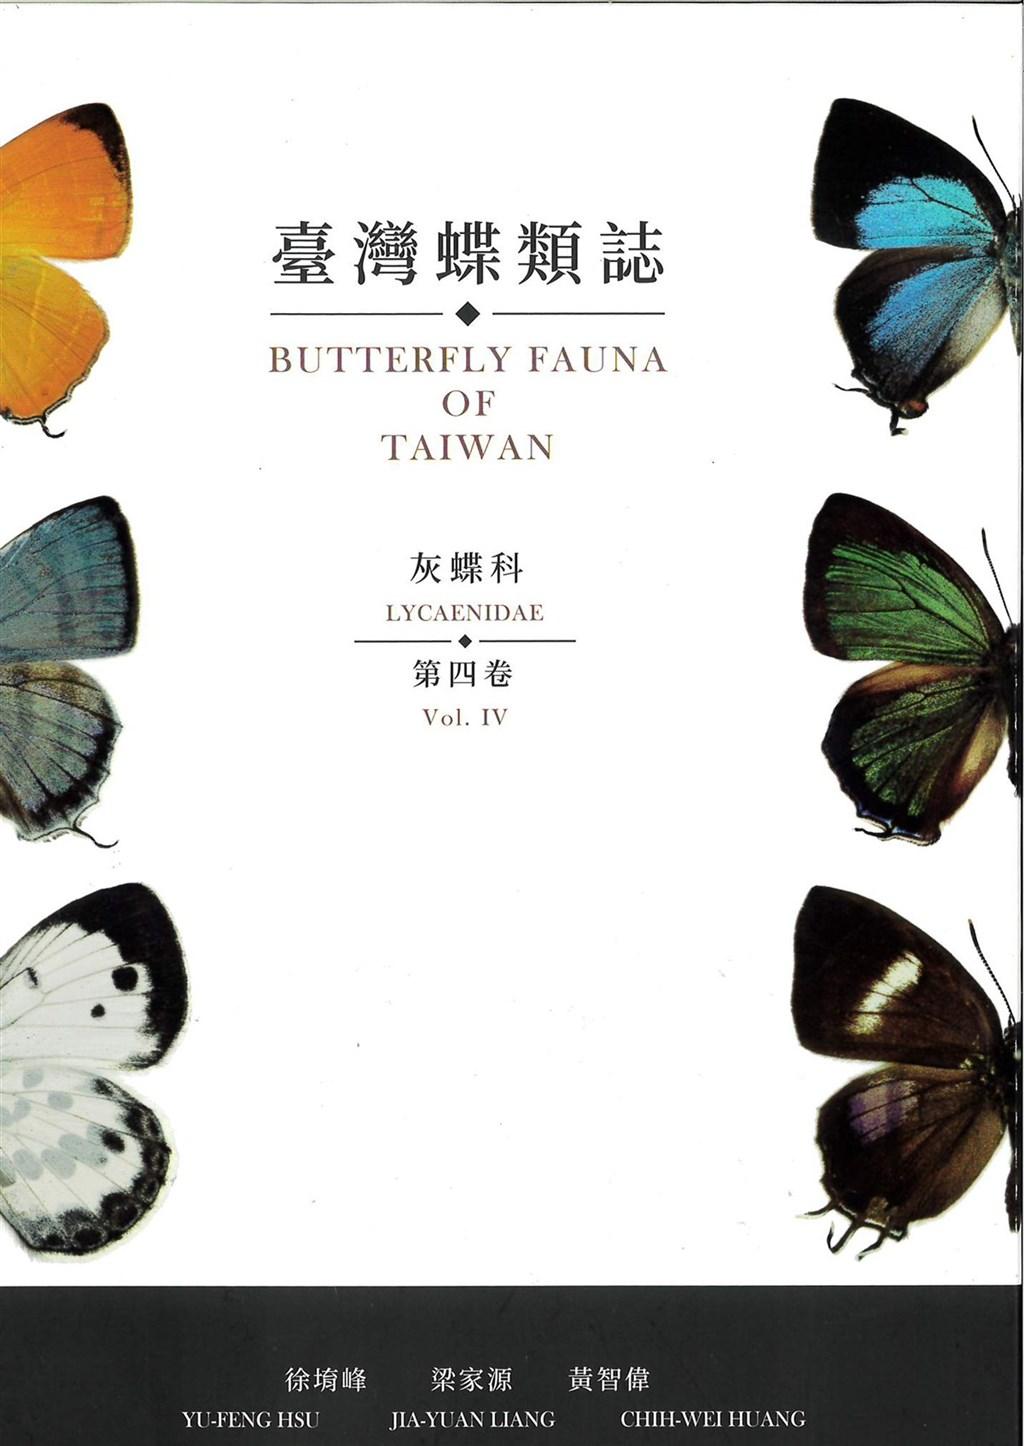 為讓民眾與世界看見台灣珍貴蝴蝶資源與蝴蝶科學研究傑出表現,林務局策劃出版「臺灣蝶類誌」套書,日前發行了第四卷灰蝶科,當中編錄120種蝴蝶(含亞種有130種)。(林務局提供)中央社記者吳欣紜傳真 109年9月12日